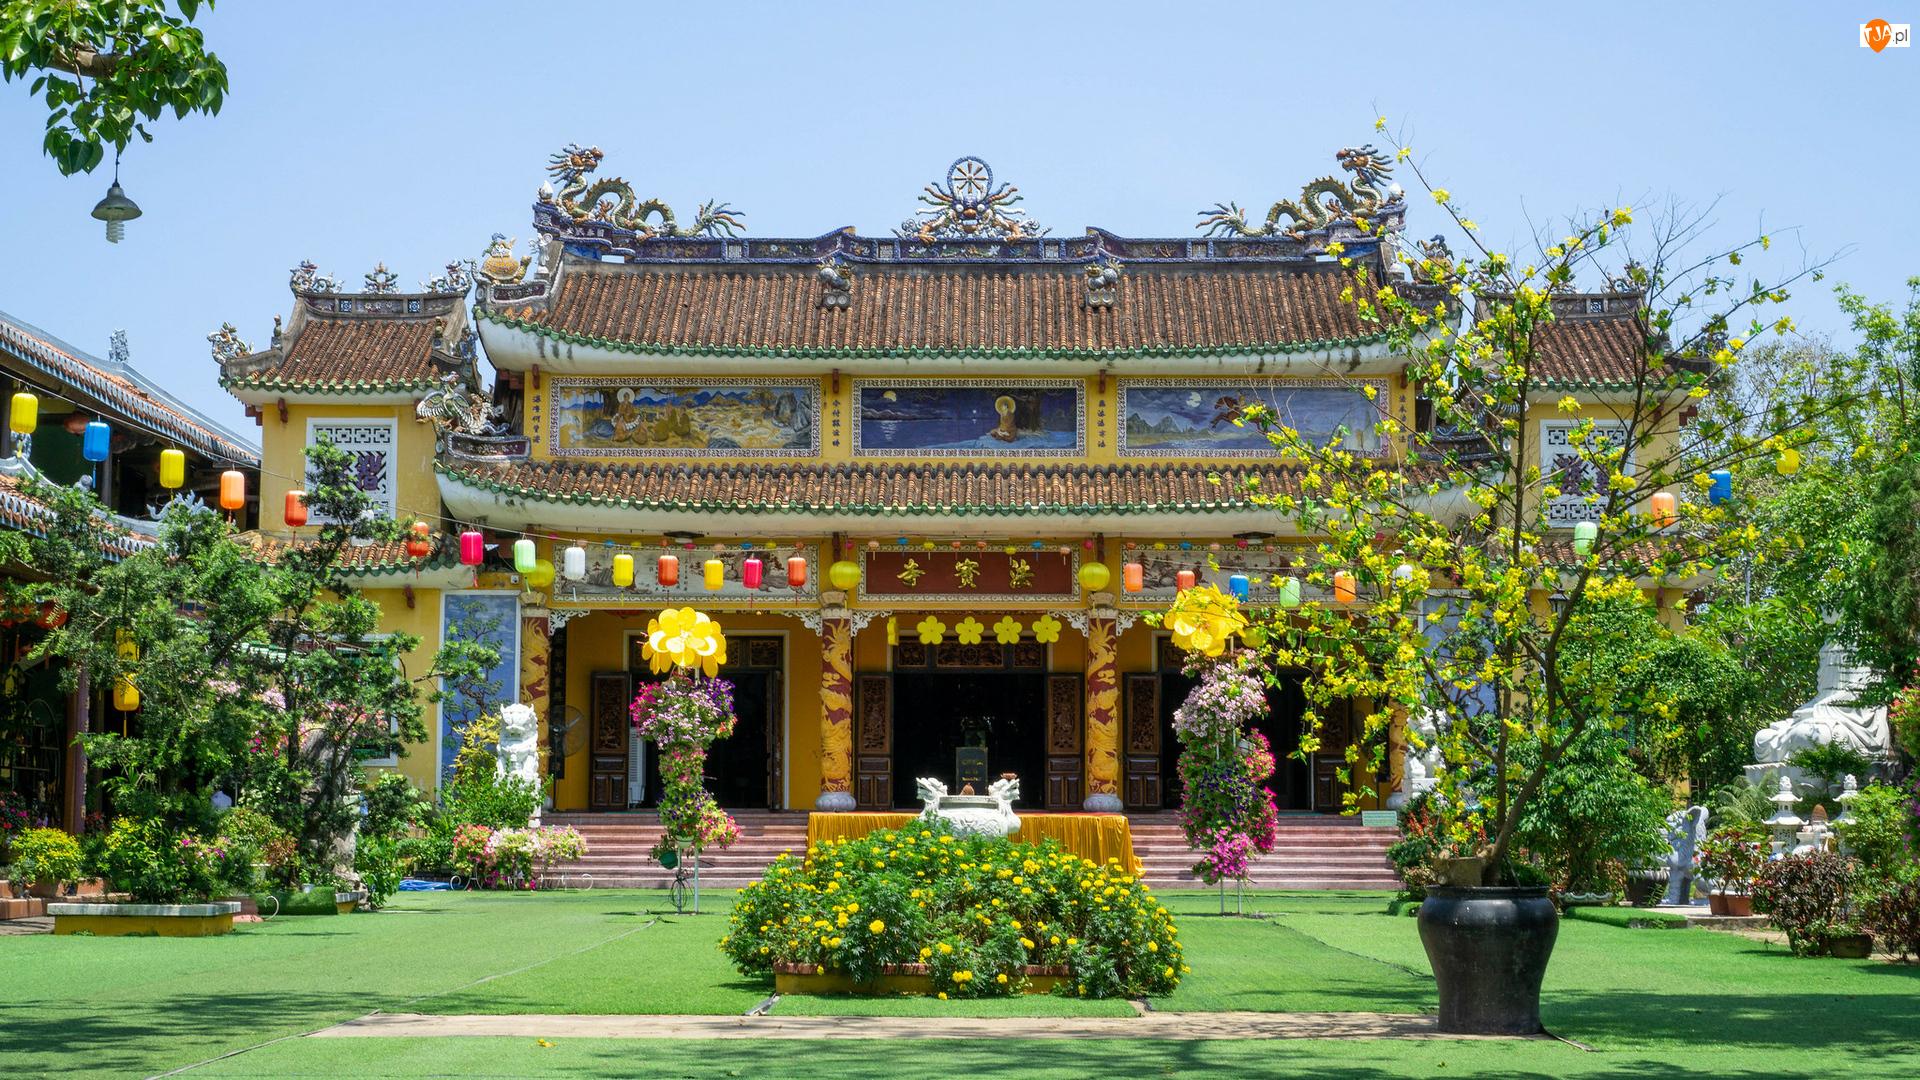 Rośliny, Wietnam, Chua Phap Bao, Świątynia, Hoi An